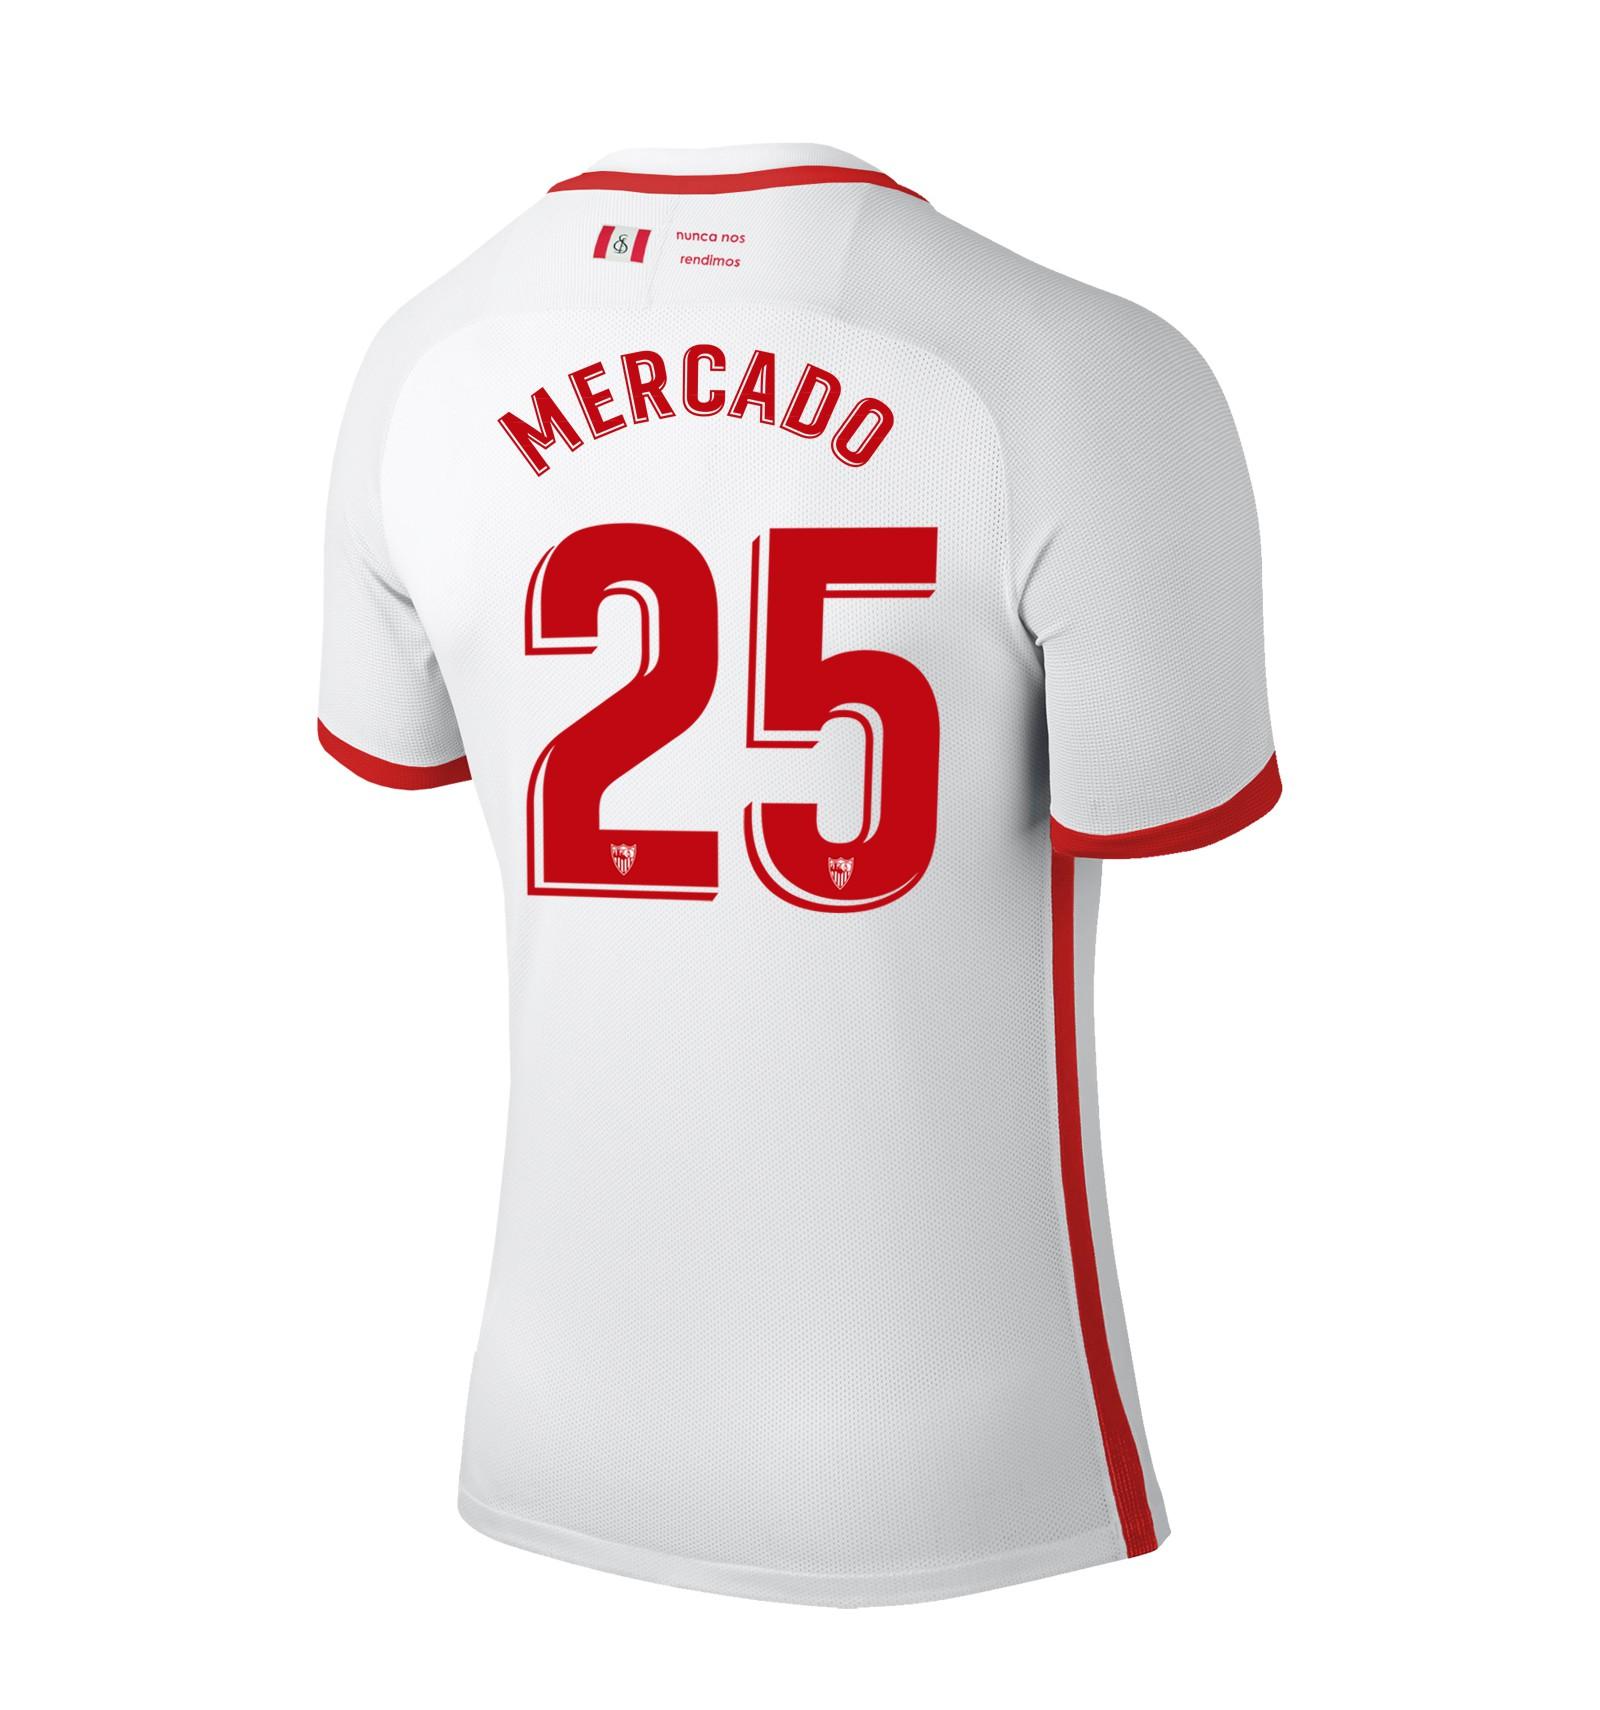 Maillot Extérieur Sevilla FC Mercado